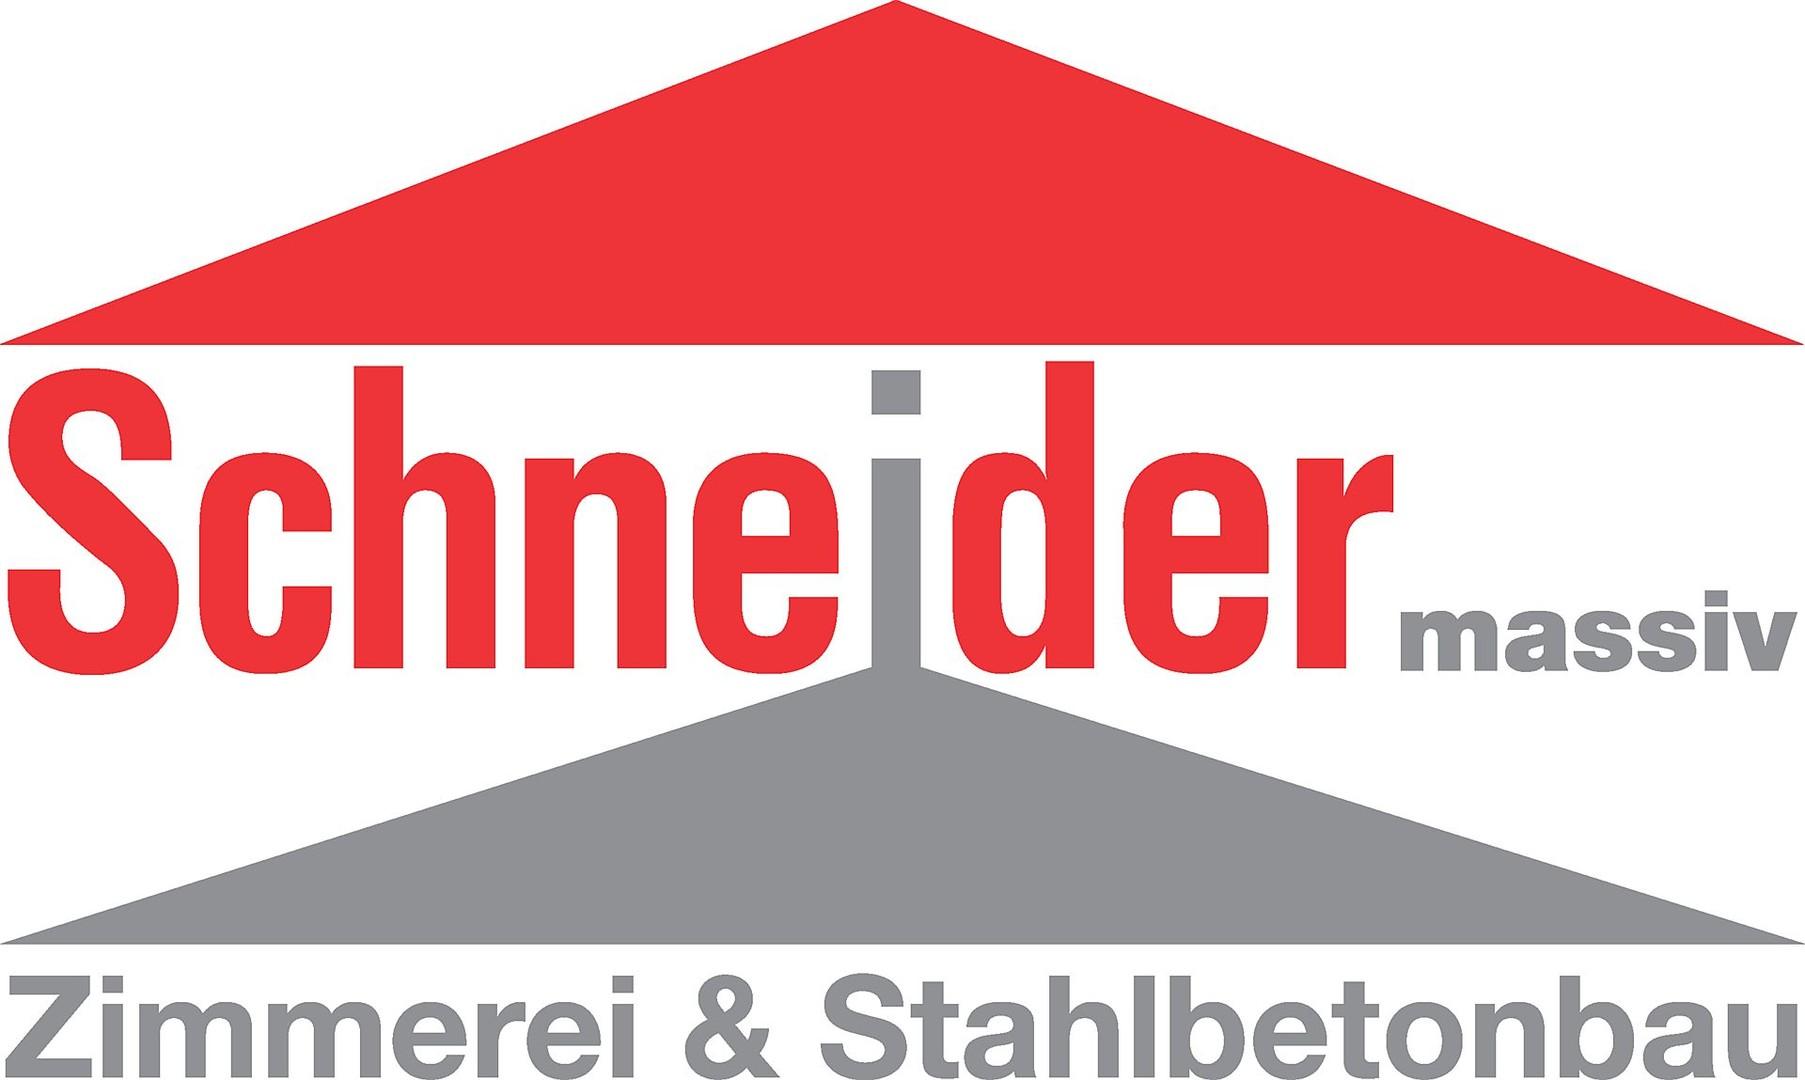 Schneider massiv